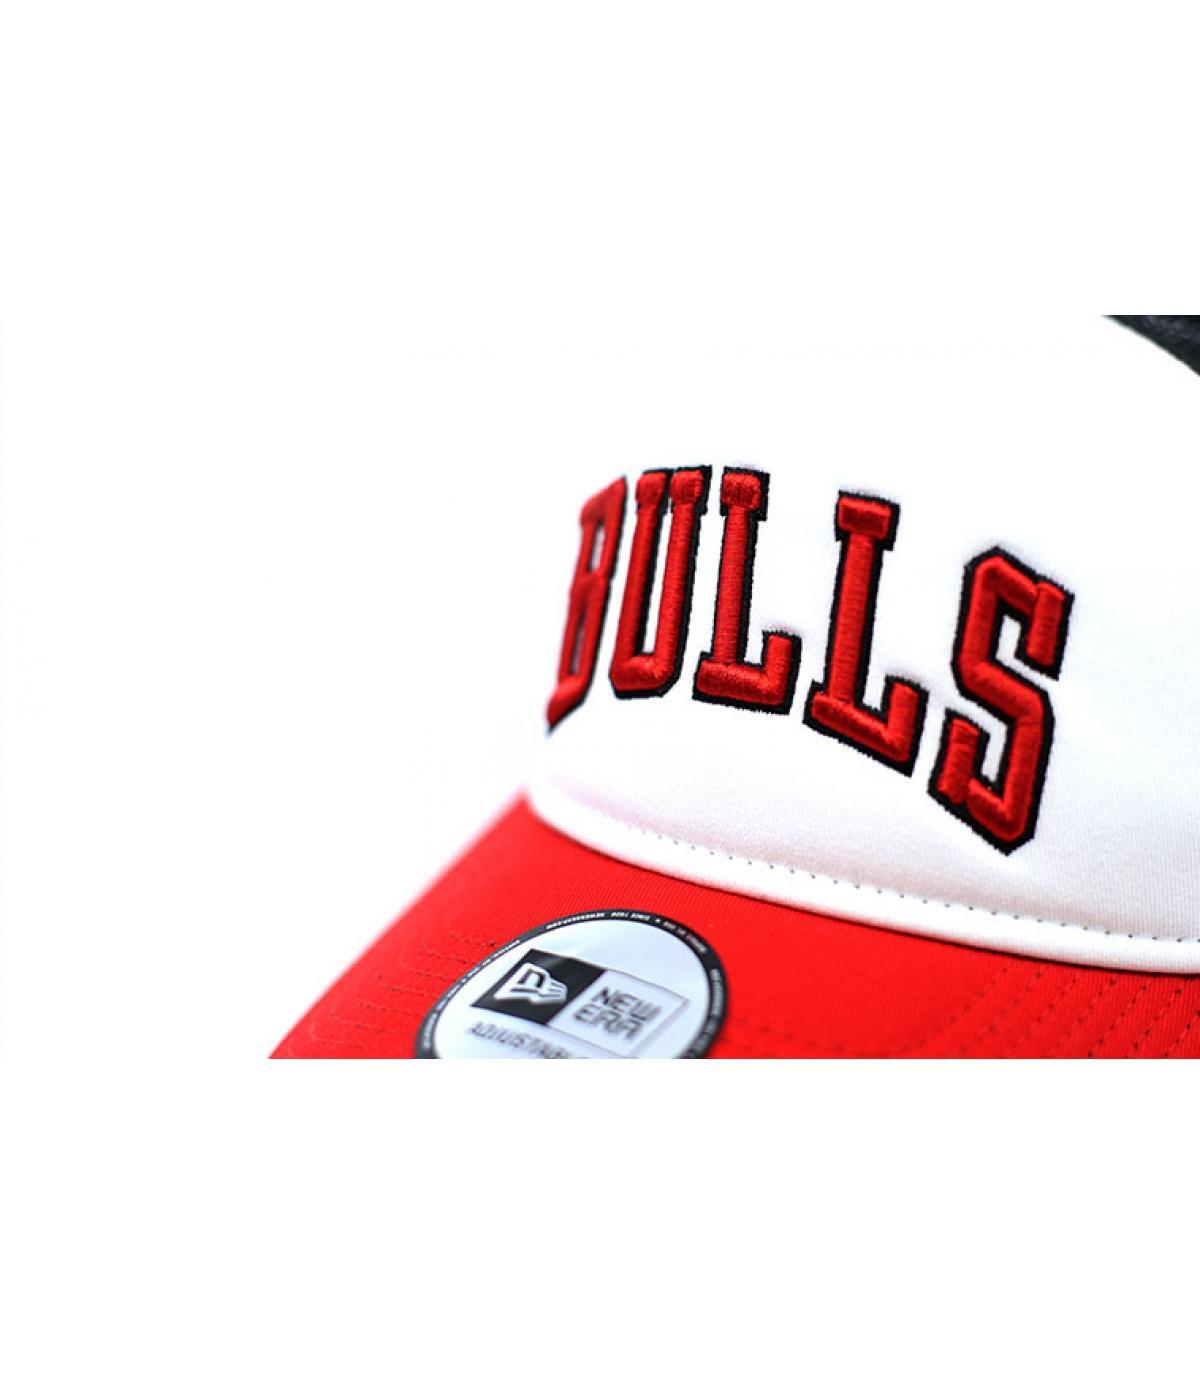 Détails Trucker Bulls Color block - image 3